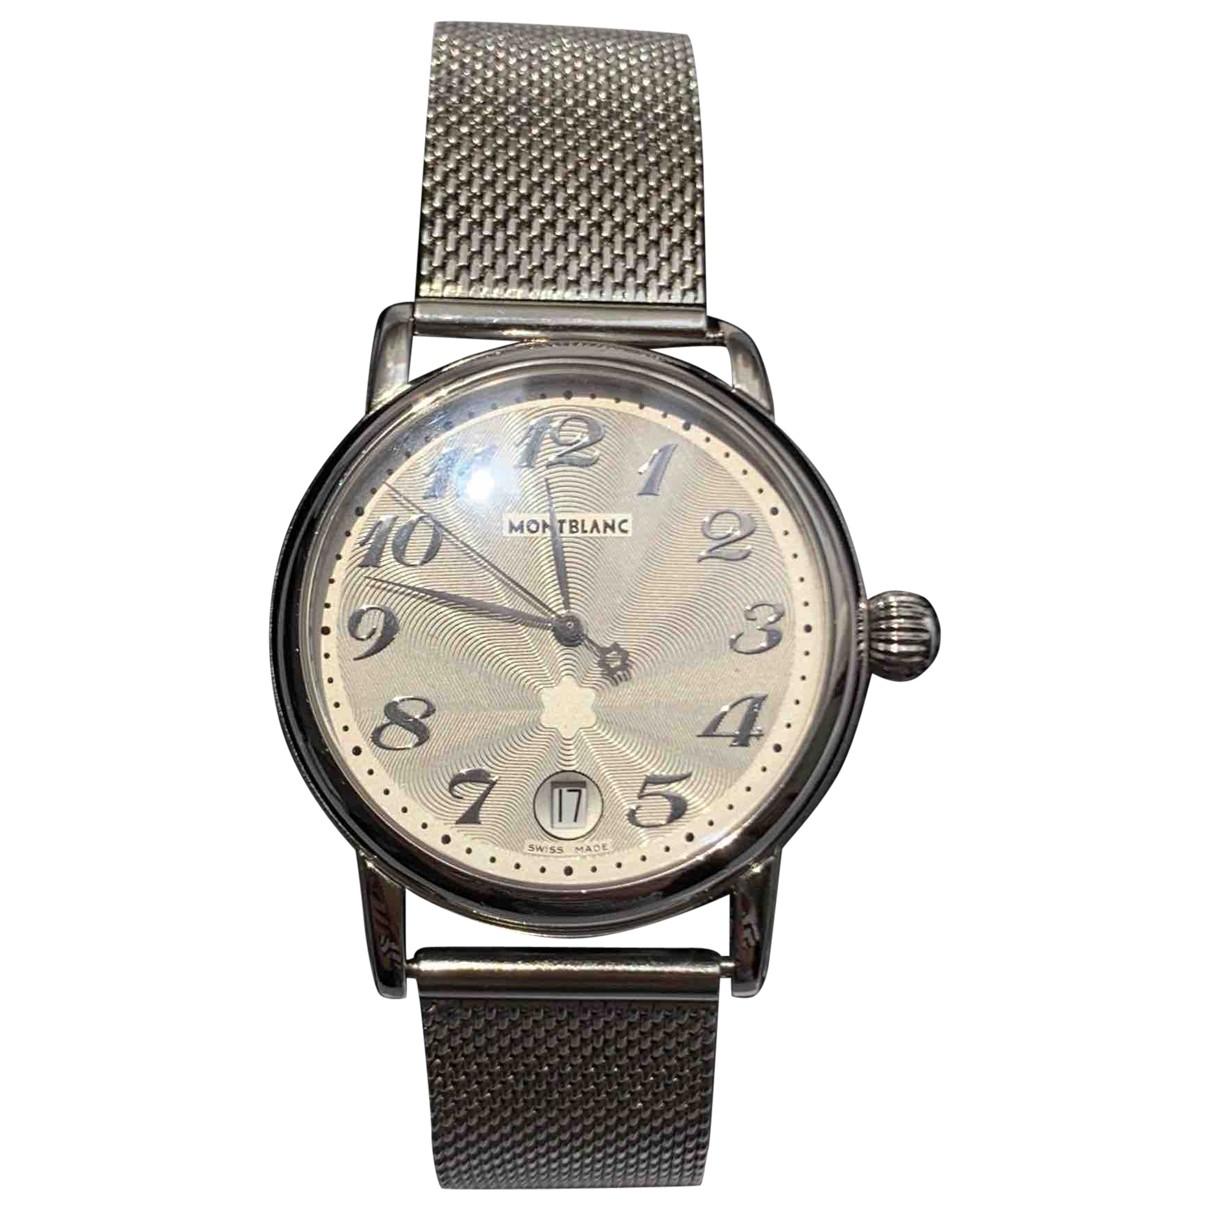 Montblanc \N Uhr in Stahl